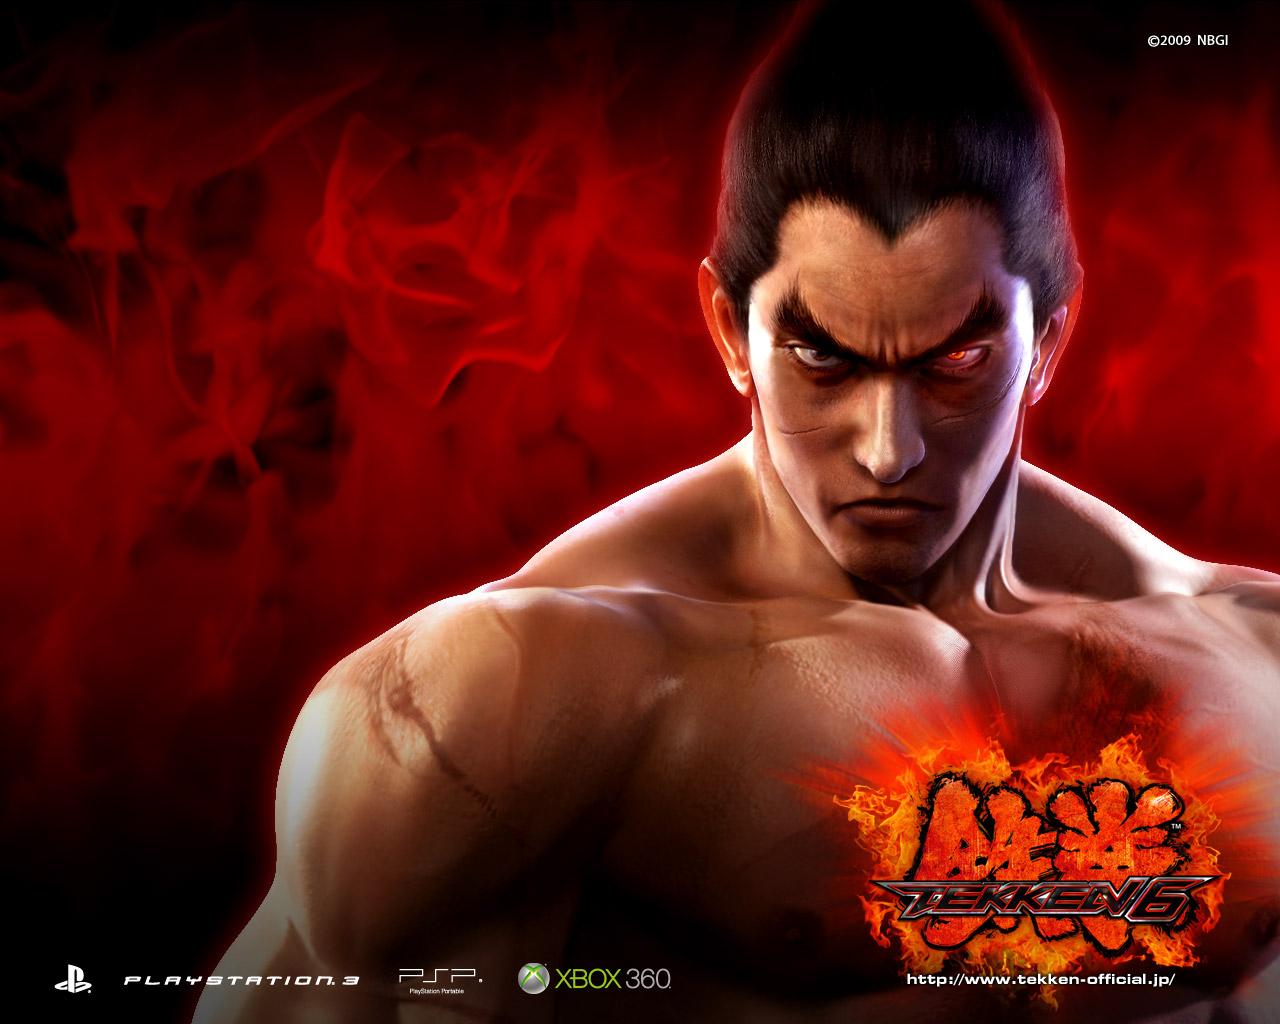 Tekken 6 wallpapers Tekken 6 background 1280x1024